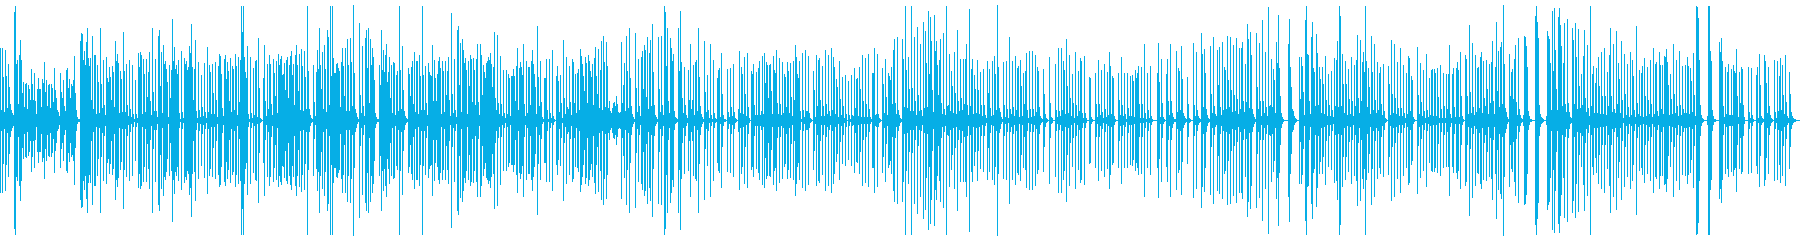 お正月BGMの定番「六段の調」琴のみの再生済みの波形